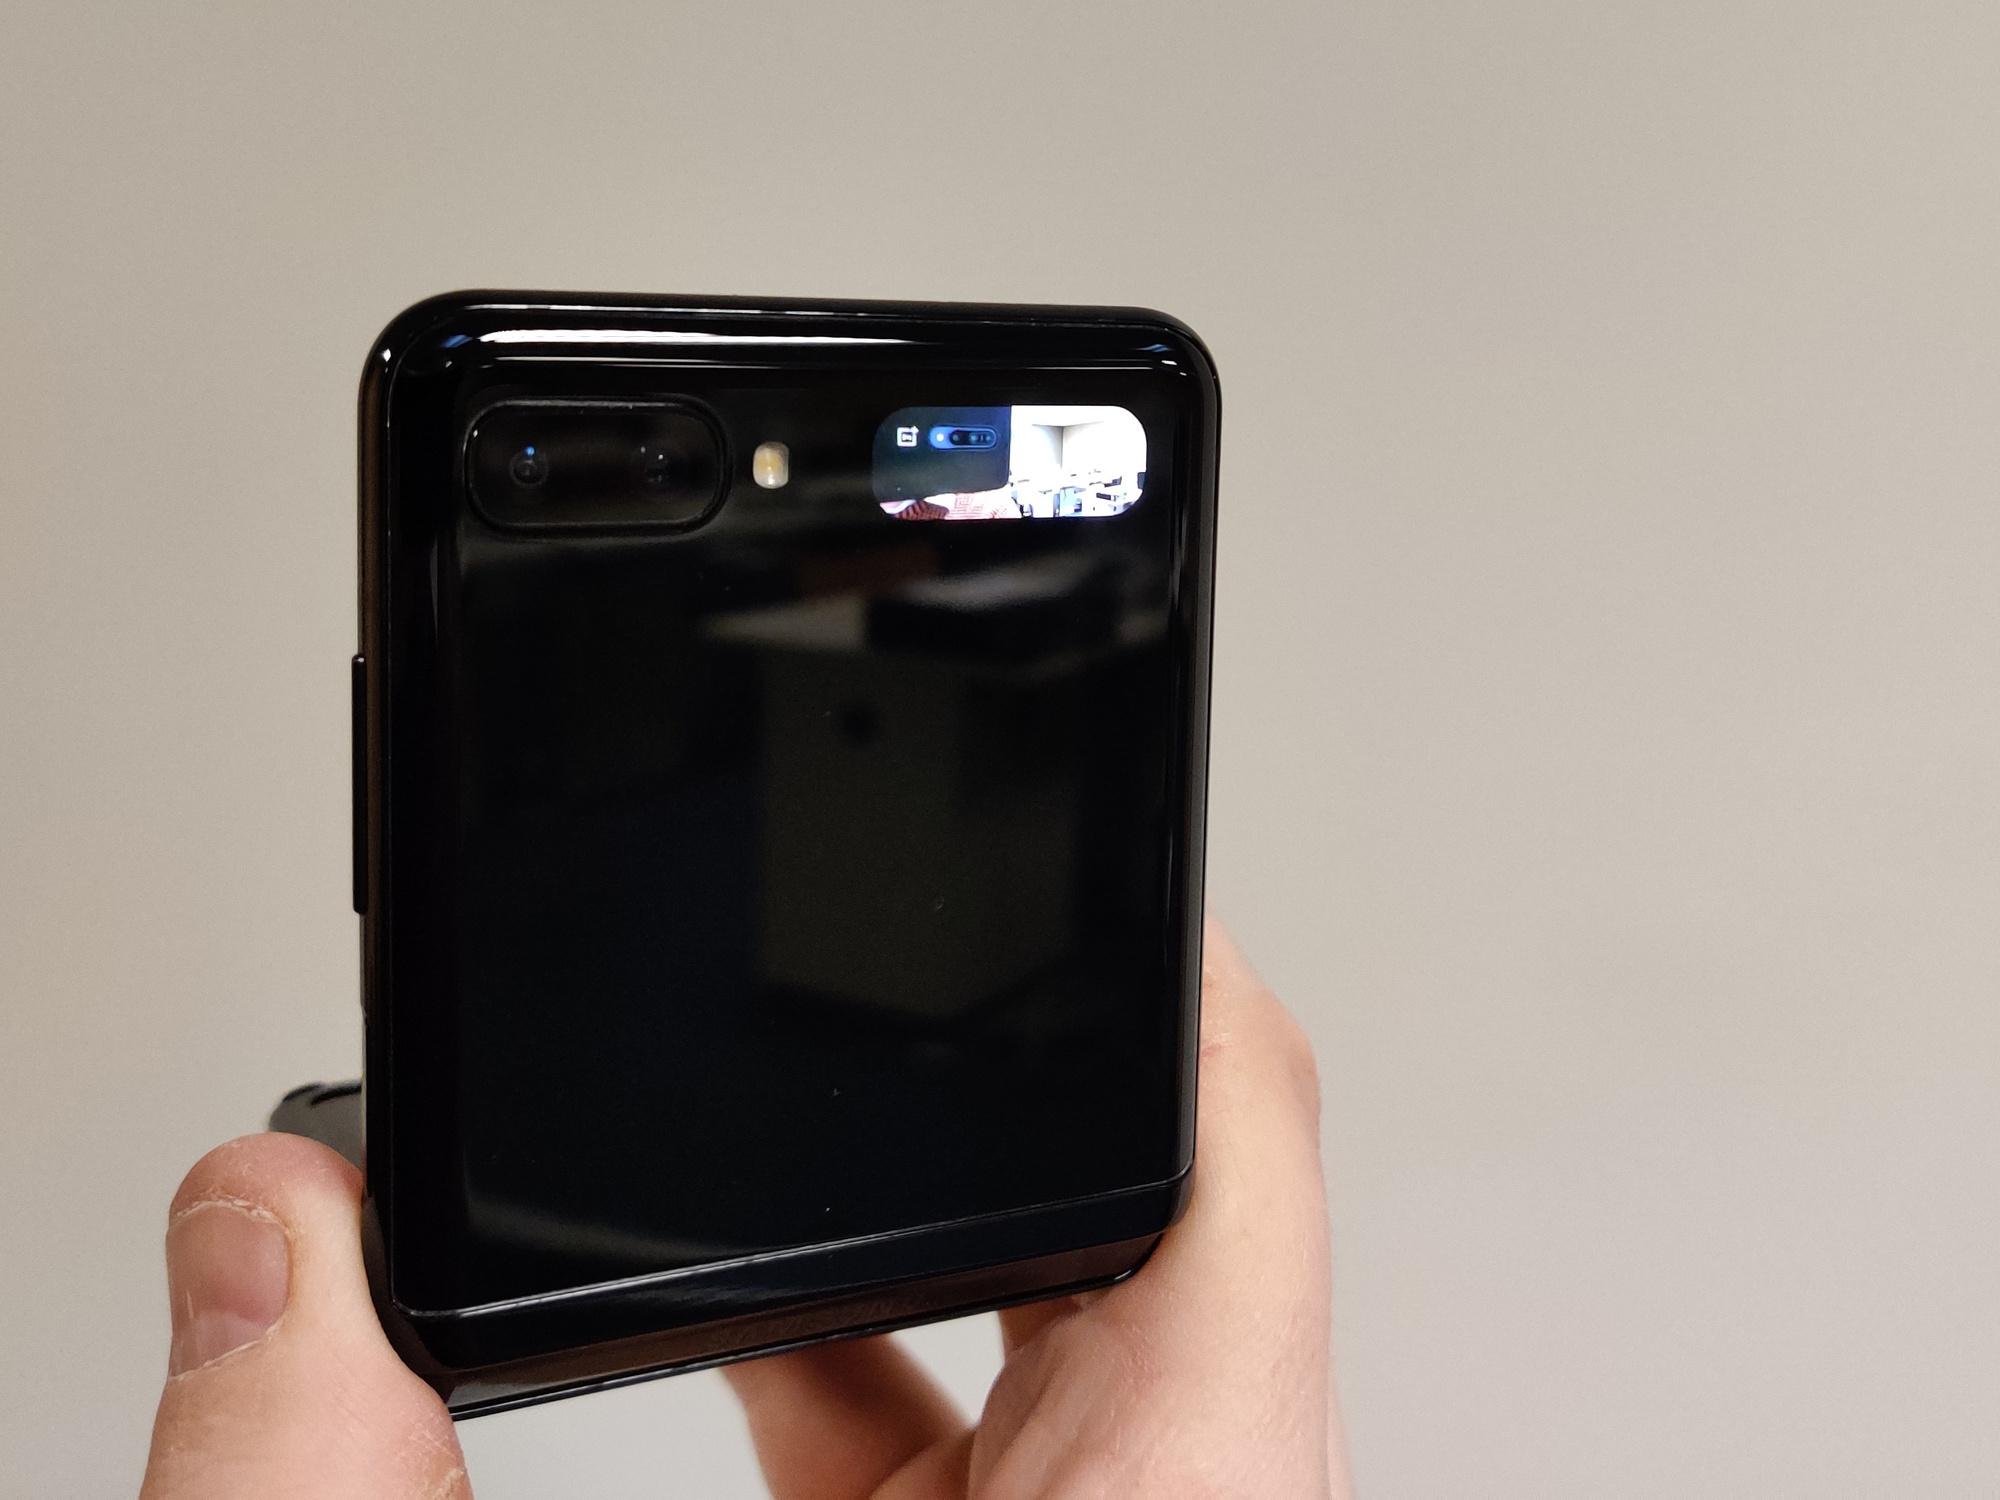 Achteraan heeft de Z Flip een klein schermpje om meldingen te tonen, of om als zoeker te functioneren als je een foto neemt., PVL